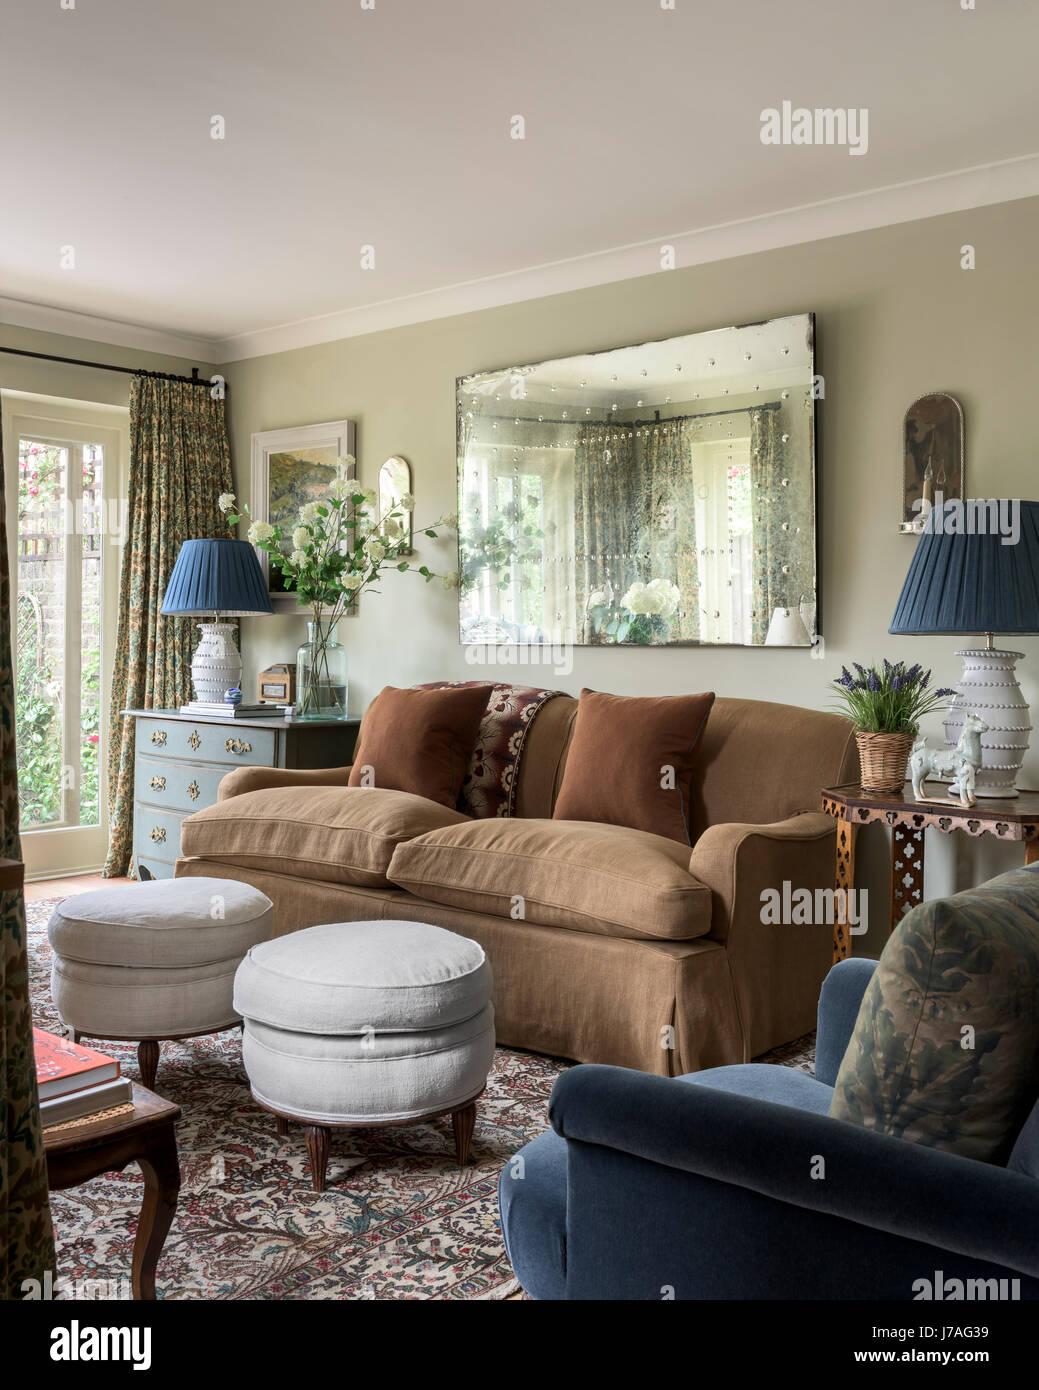 Lawson divano in legno rivestita in biancheria da Rogers & Goffigon ...